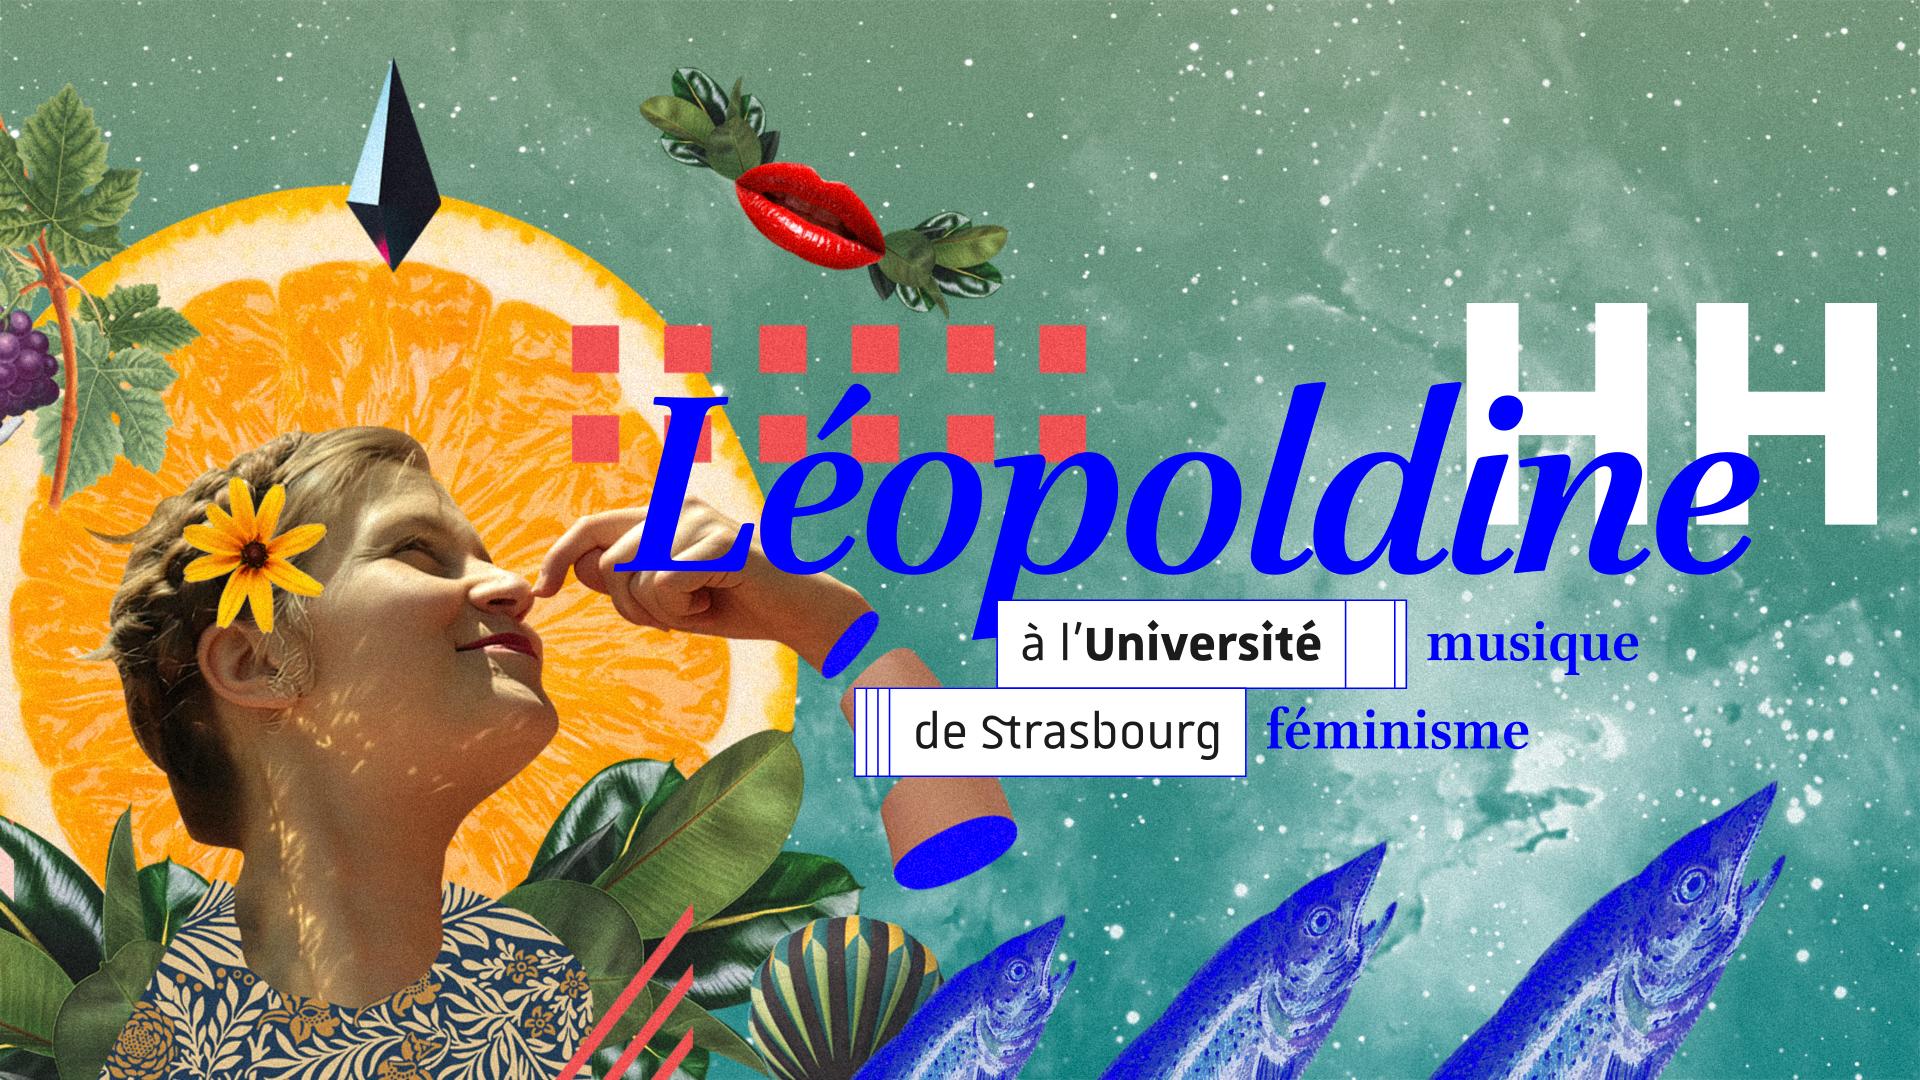 Musique et féminisme : Rencontre avec Léopoldine HH